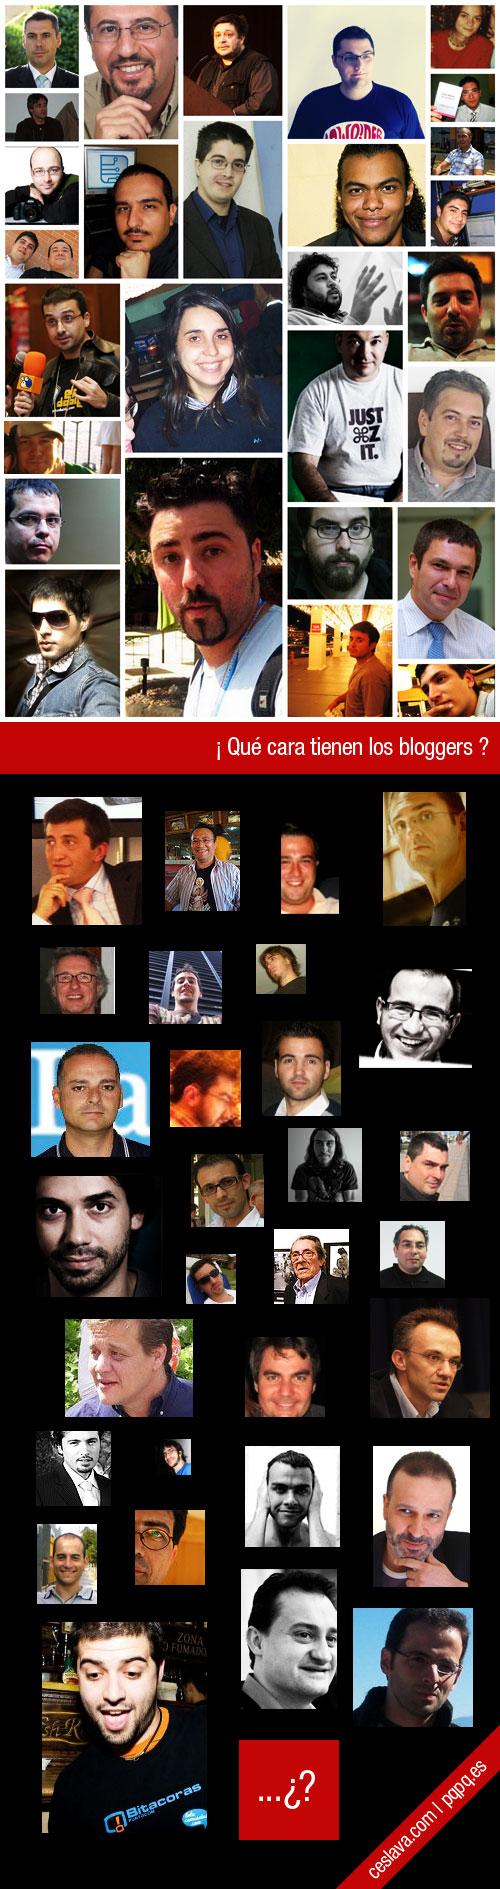 Las caras de la blogosfera hispana